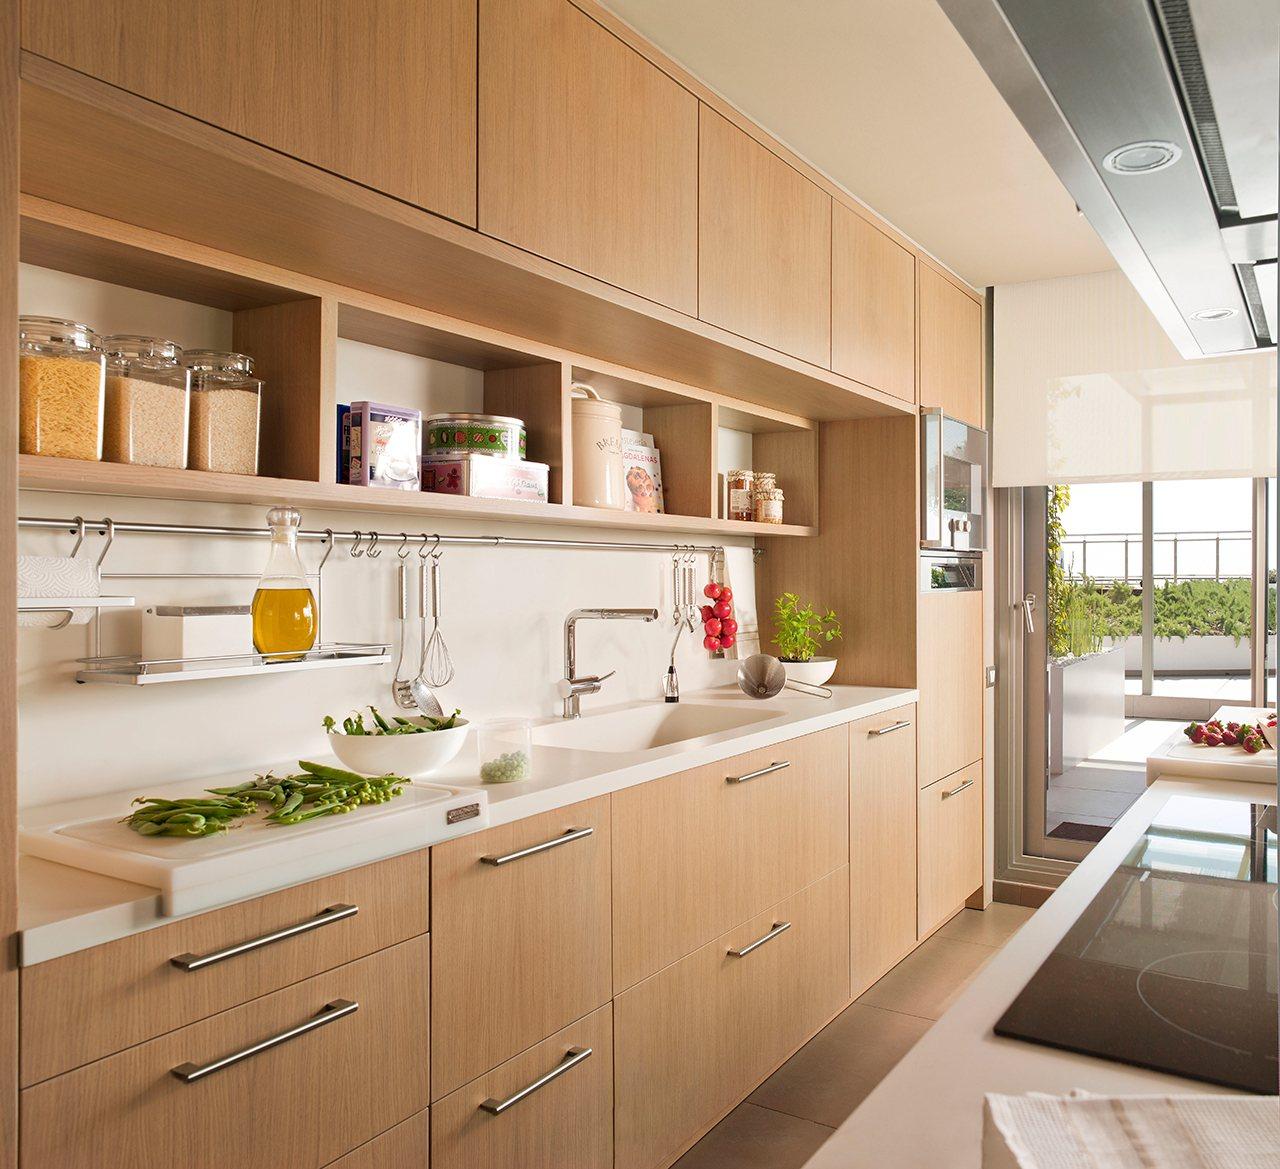 Ideas para aprovechar el espacio en las cocinas peque as for Muebles cocina madera